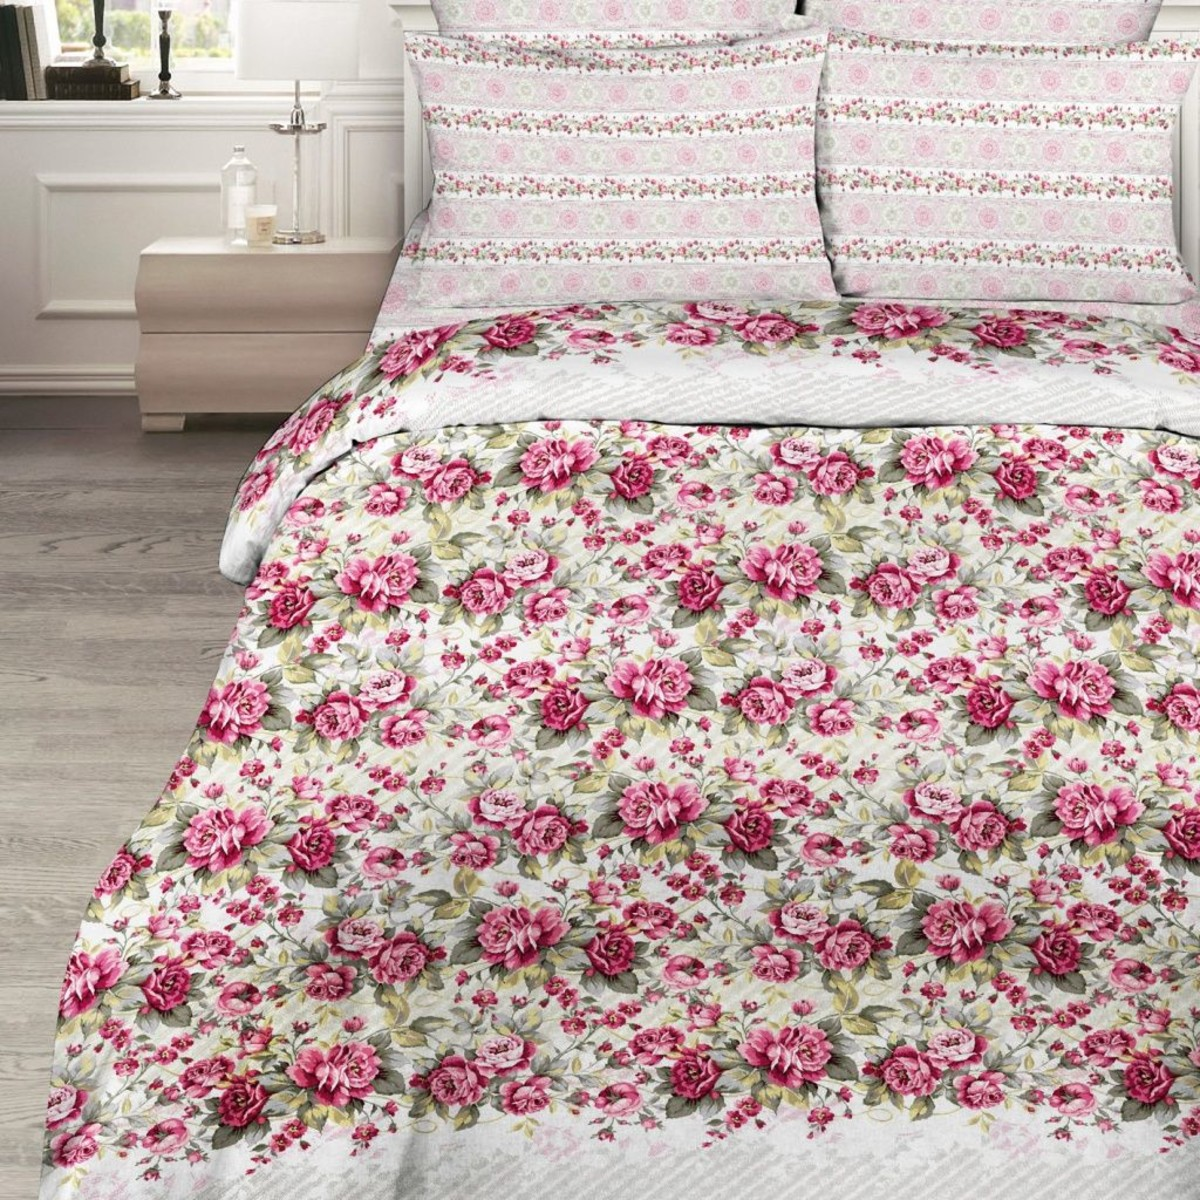 Комплект Постельного Белья Розовый Сон Двуспальный Поплин